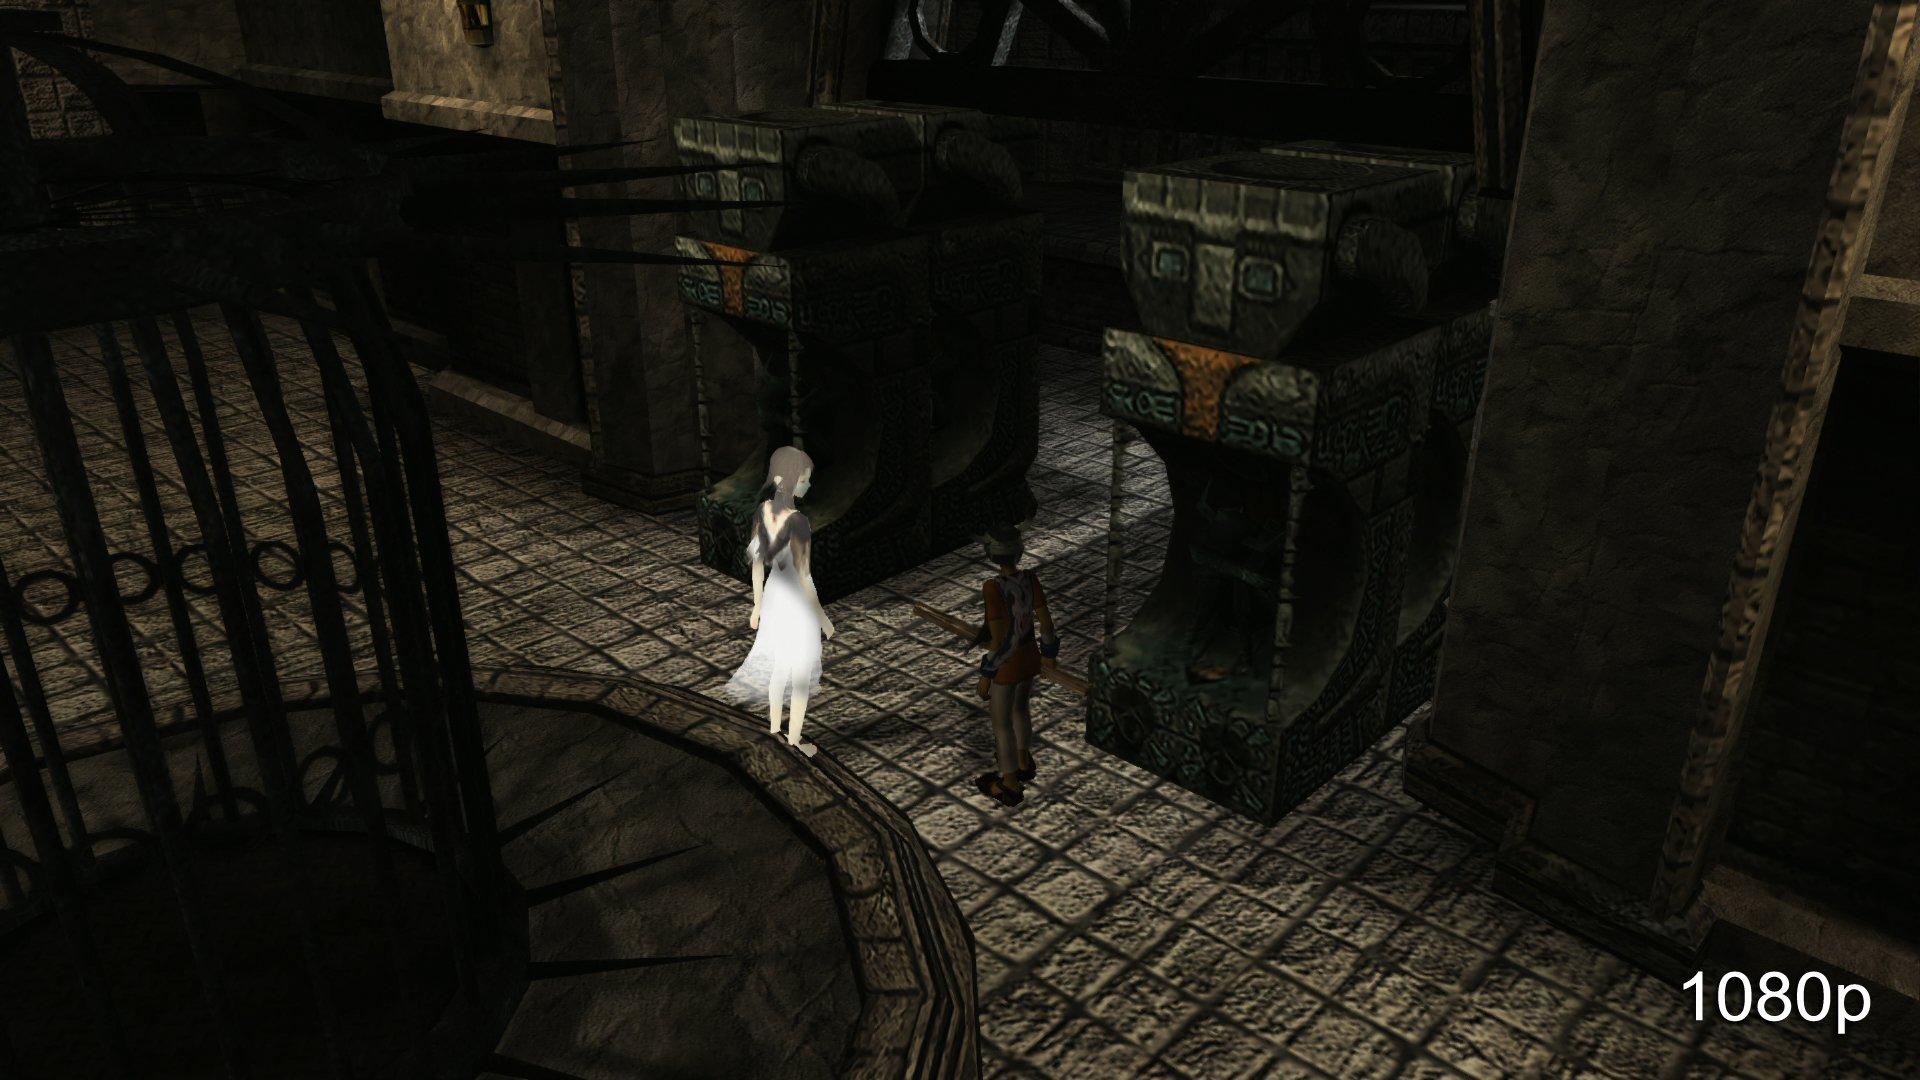 Скриншоты Doom 3 BFG Edition показывают всю ...: madfanboy.com/skrinshoty-doom-3-bfg-edition-pokazyvayut-vsyu...